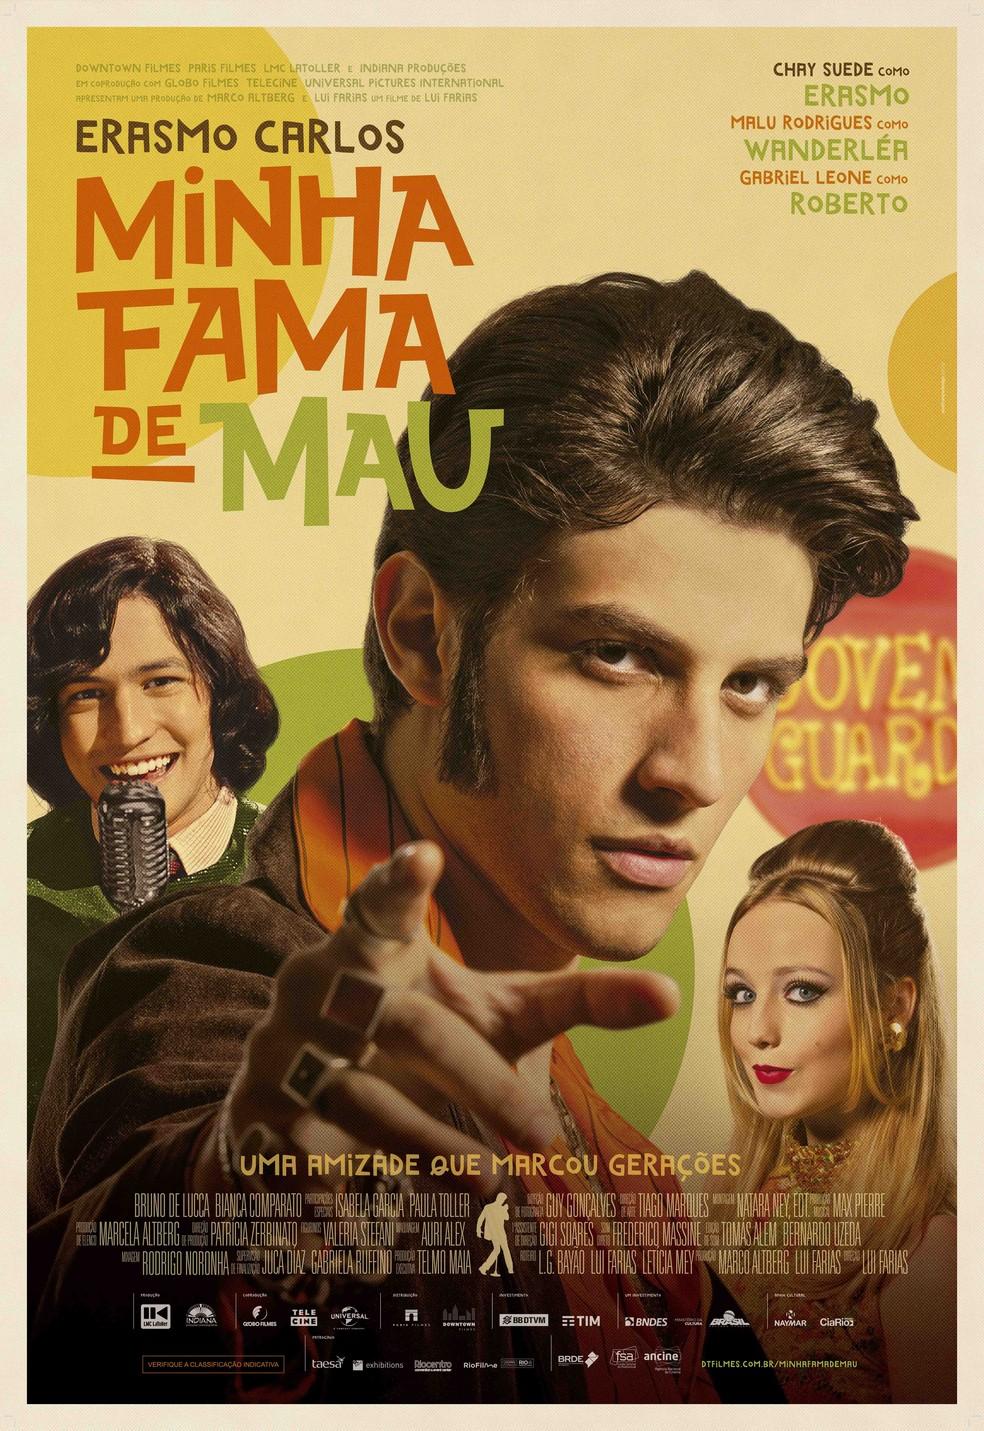 Cartaz de 'Minha fama de mau', filme estrelado por Chay Suede no papel de Erasmo Carlos — Foto: Divulgação